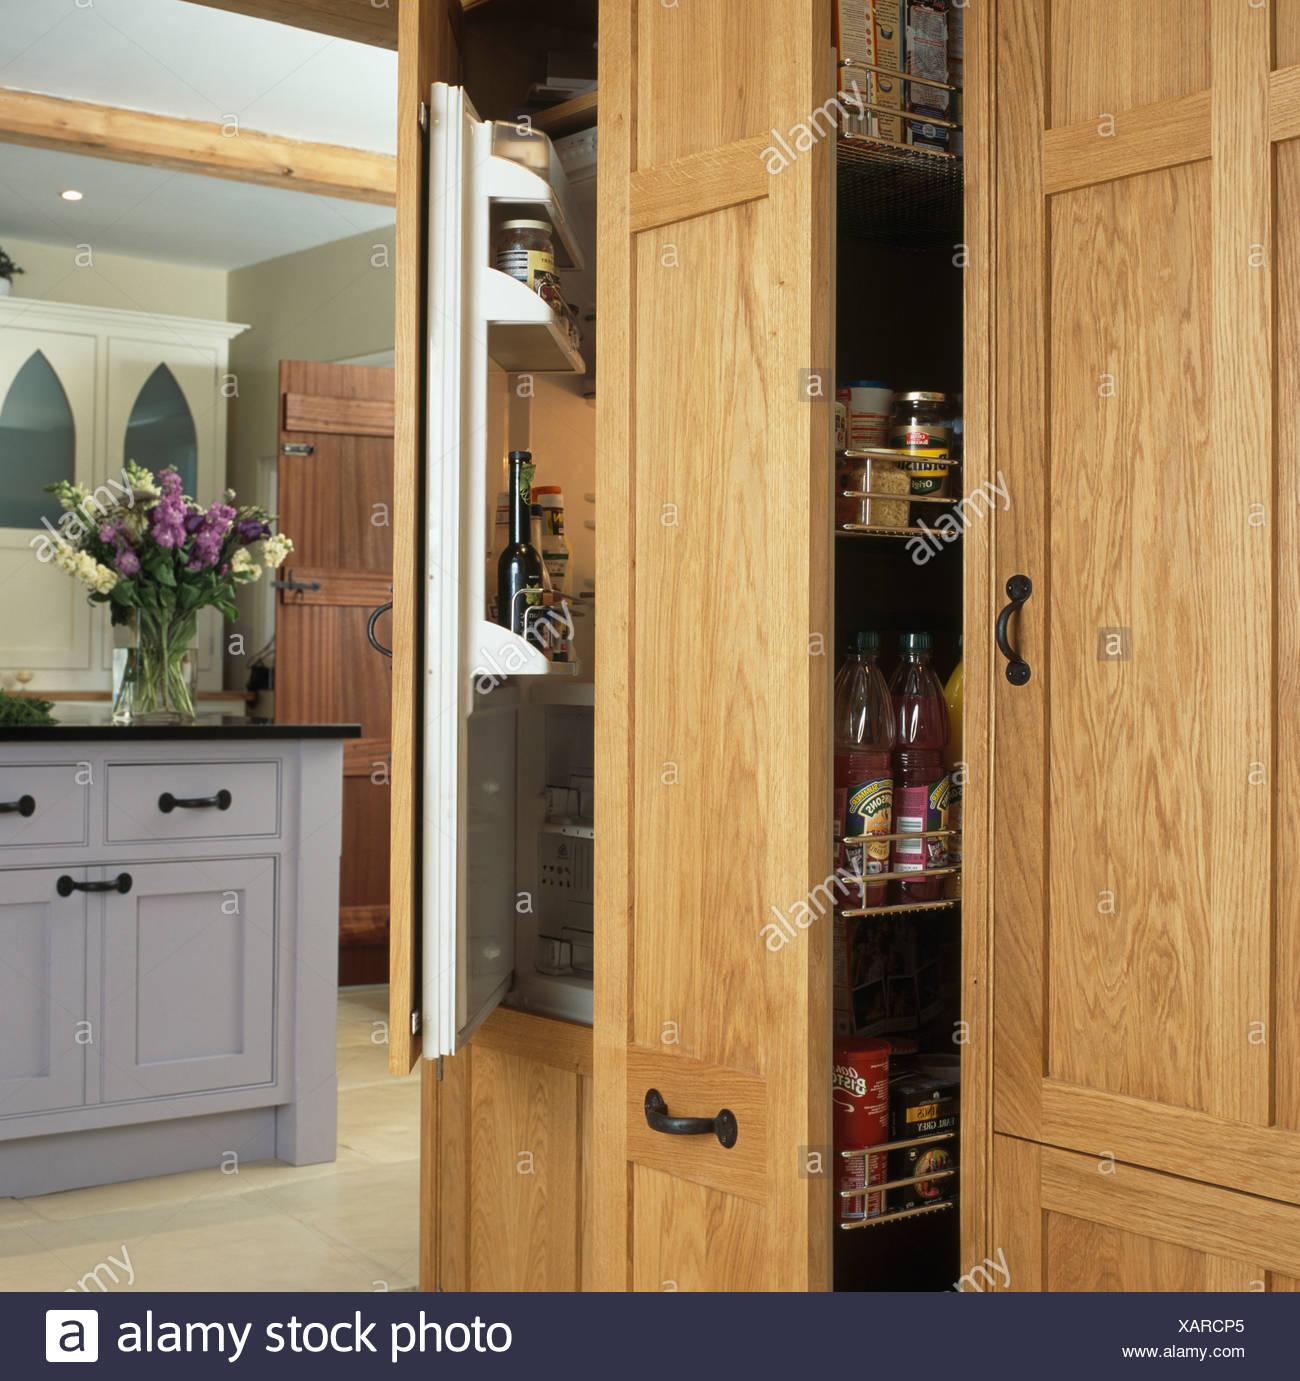 Estrarre la dispensa ripostiglio accanto al frigorifero con mezza ...